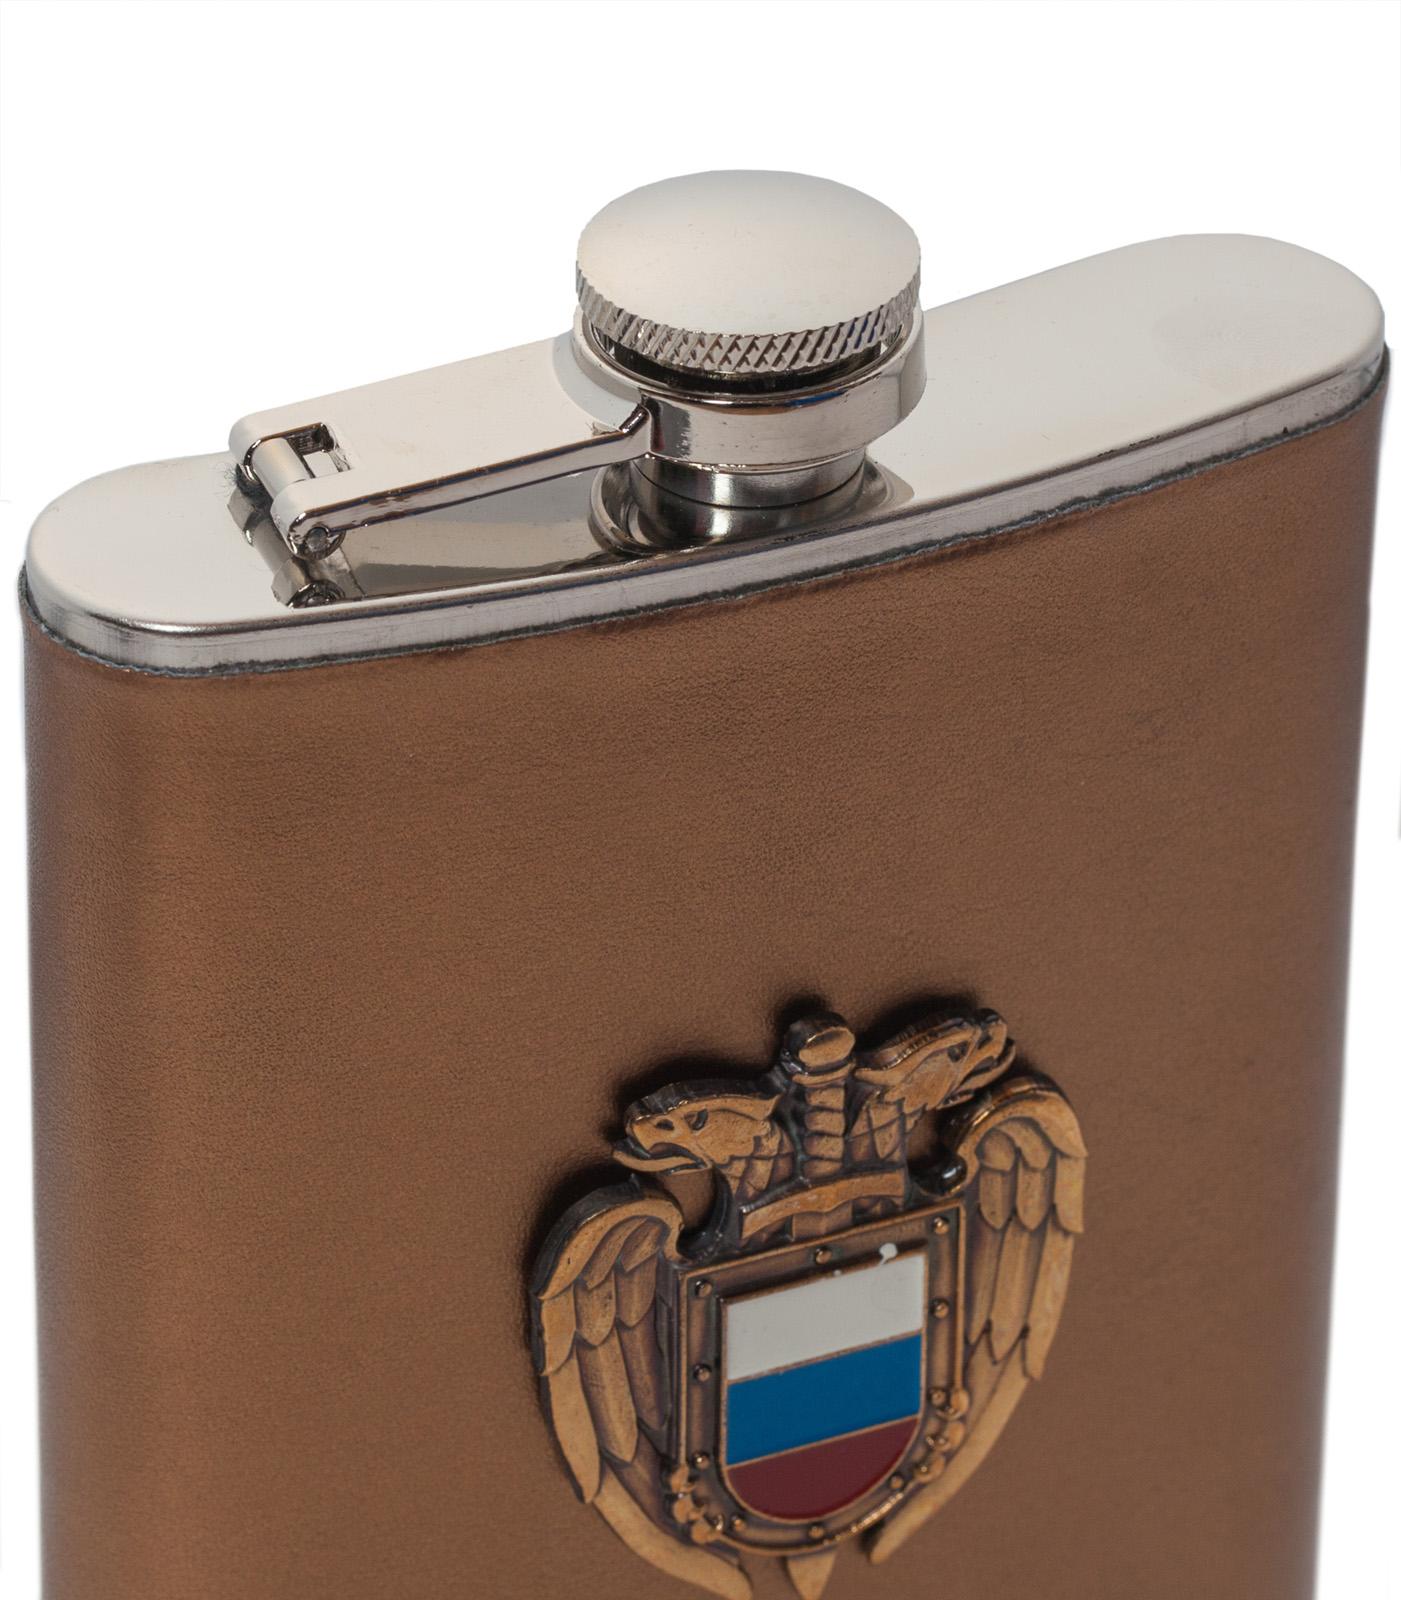 Карманная фляжка с жетоном ФСО России (обтянутая кожей) по выгодной цене